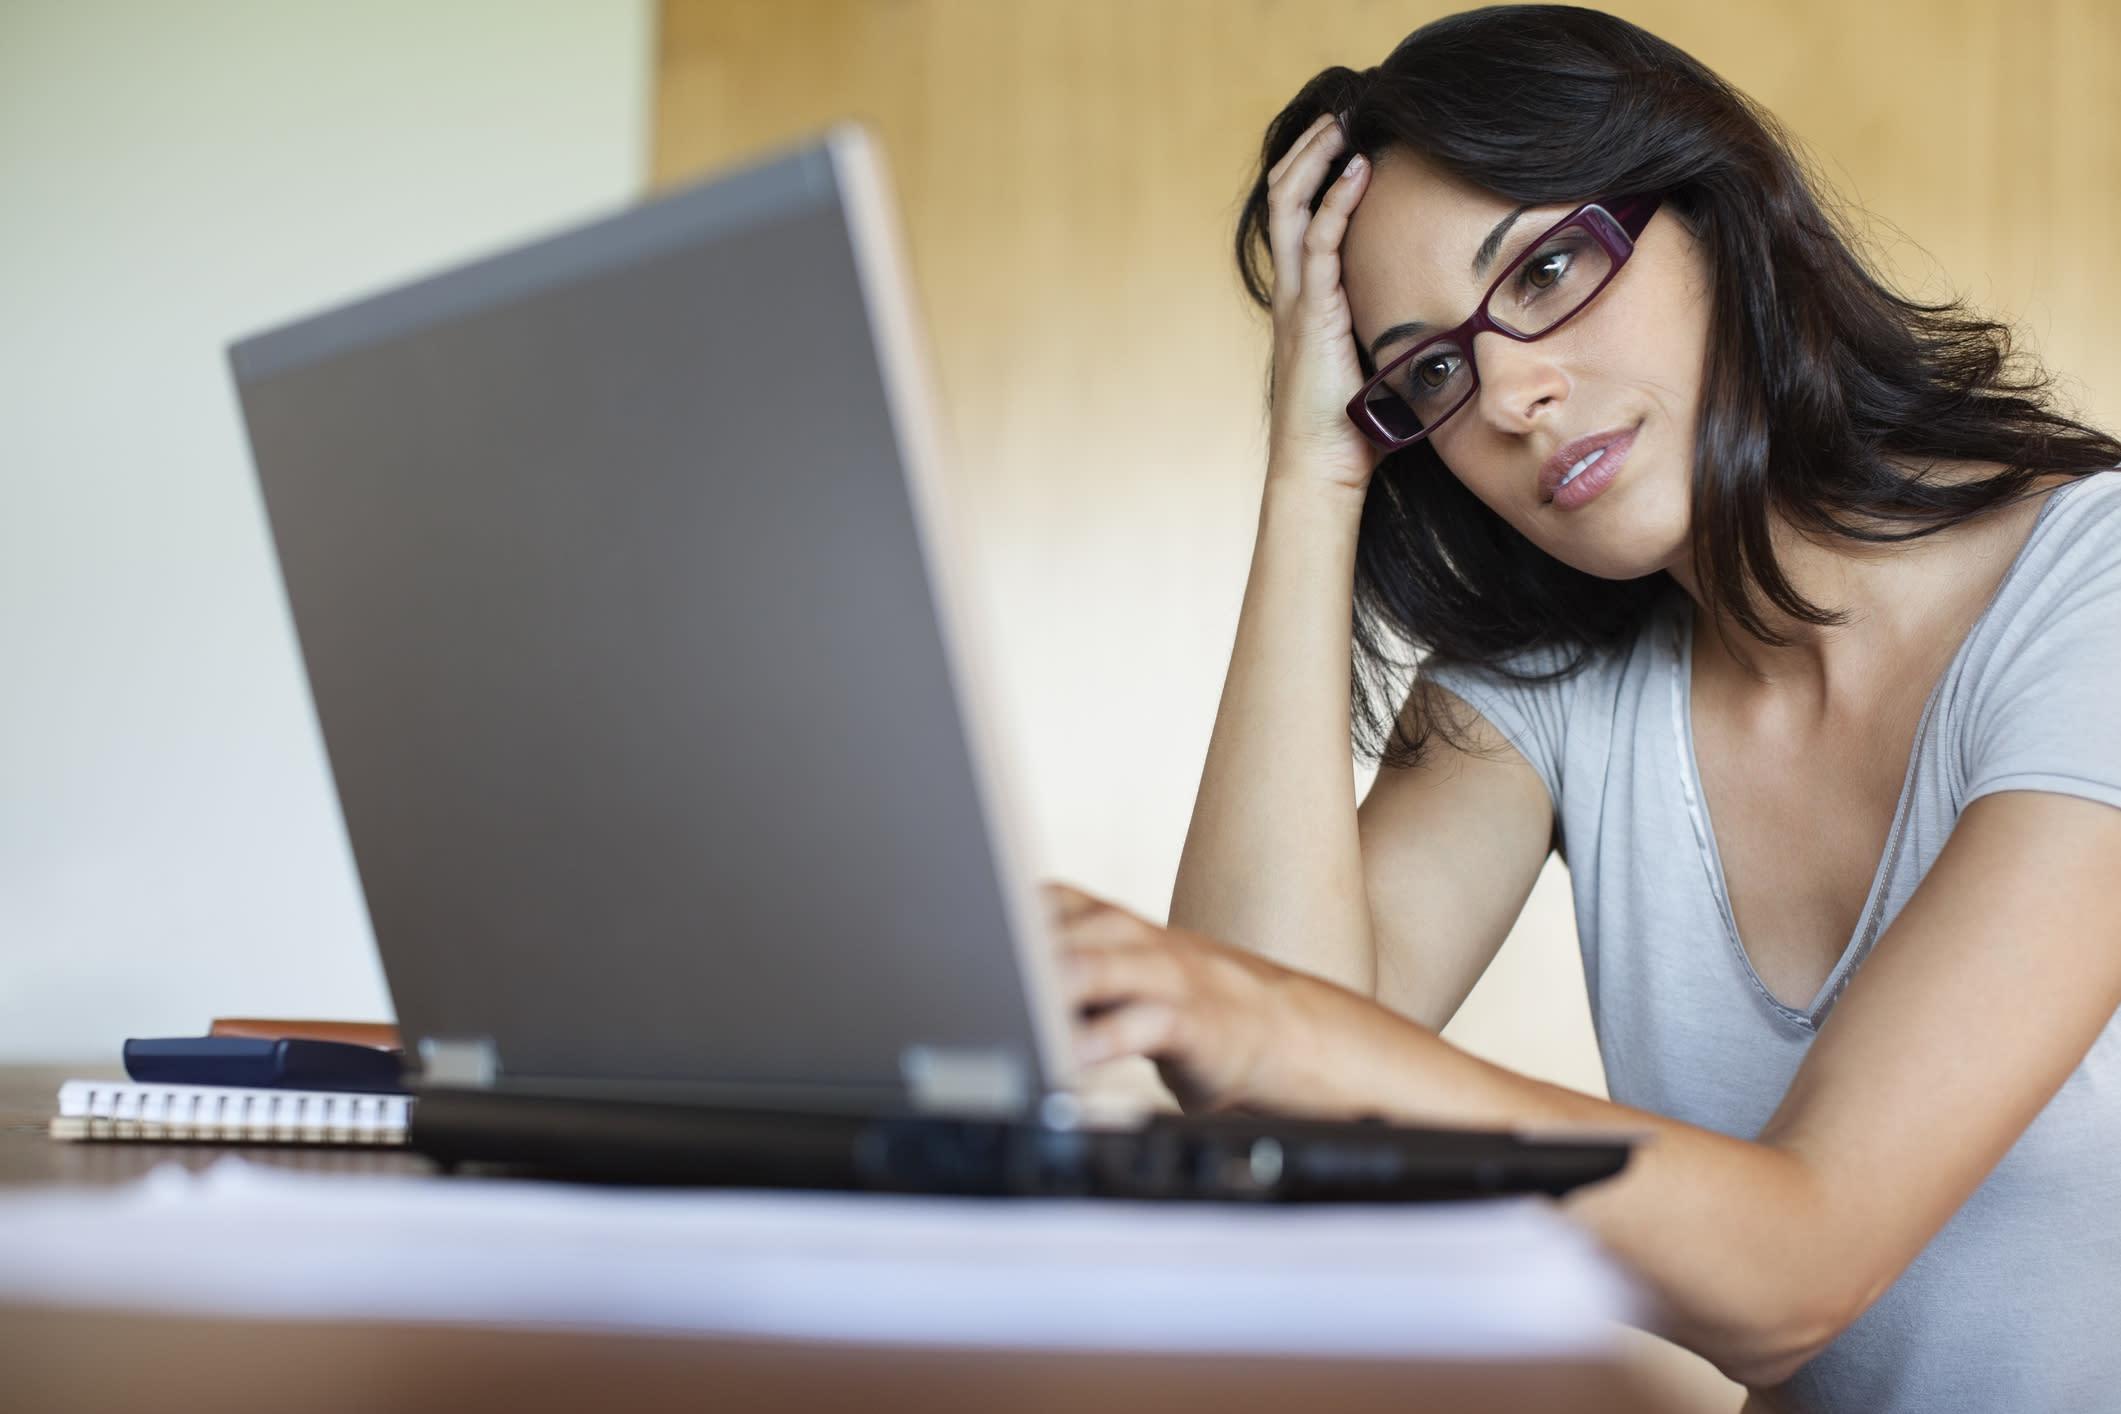 вошли девушка возле компьютера секс после